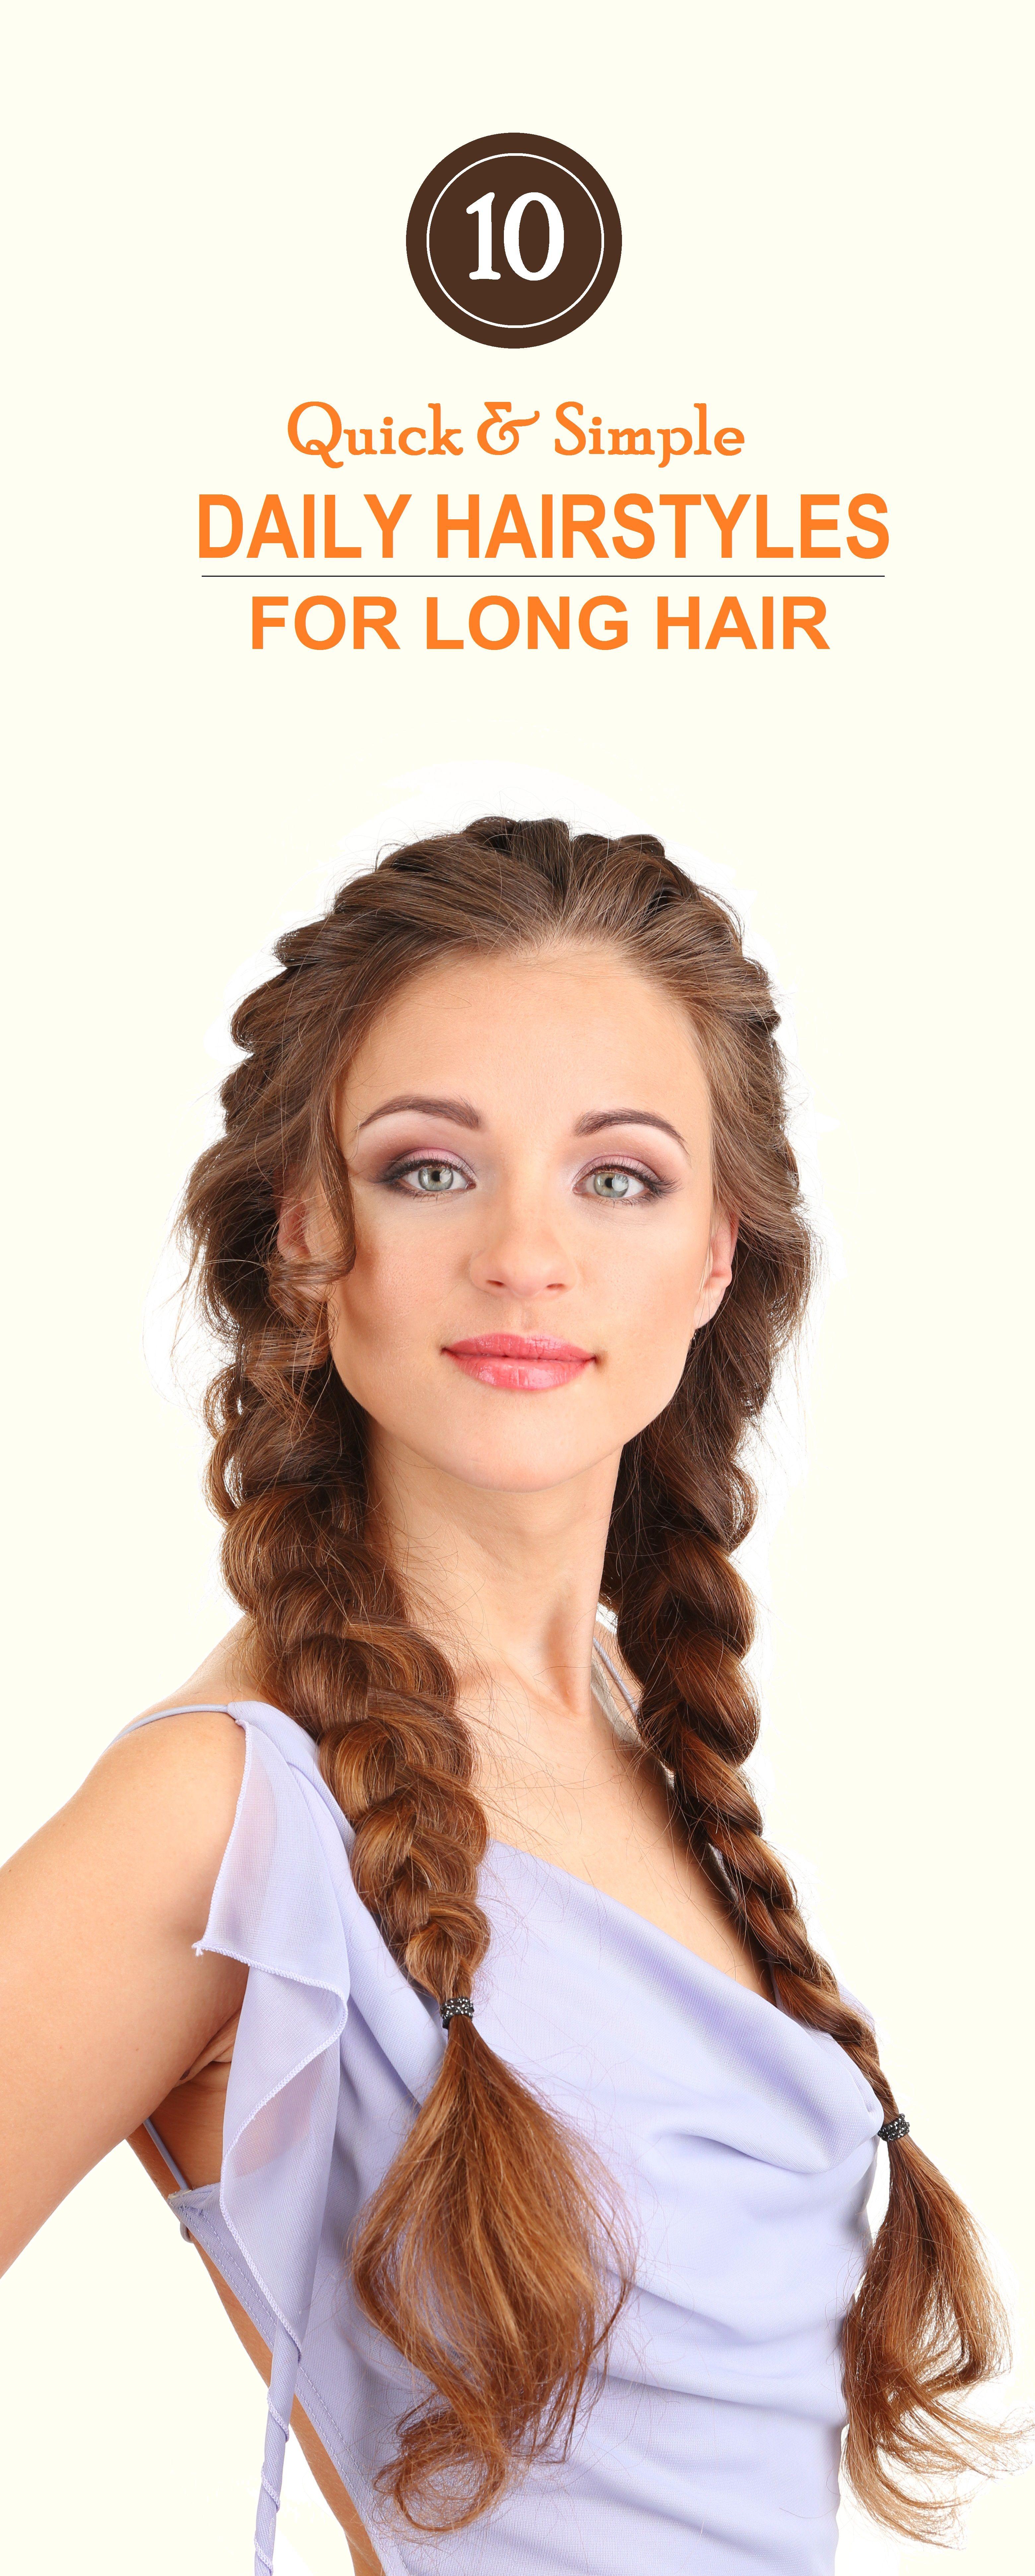 Bsweet by maria shireen teens hair tie bracelet metallic plastic